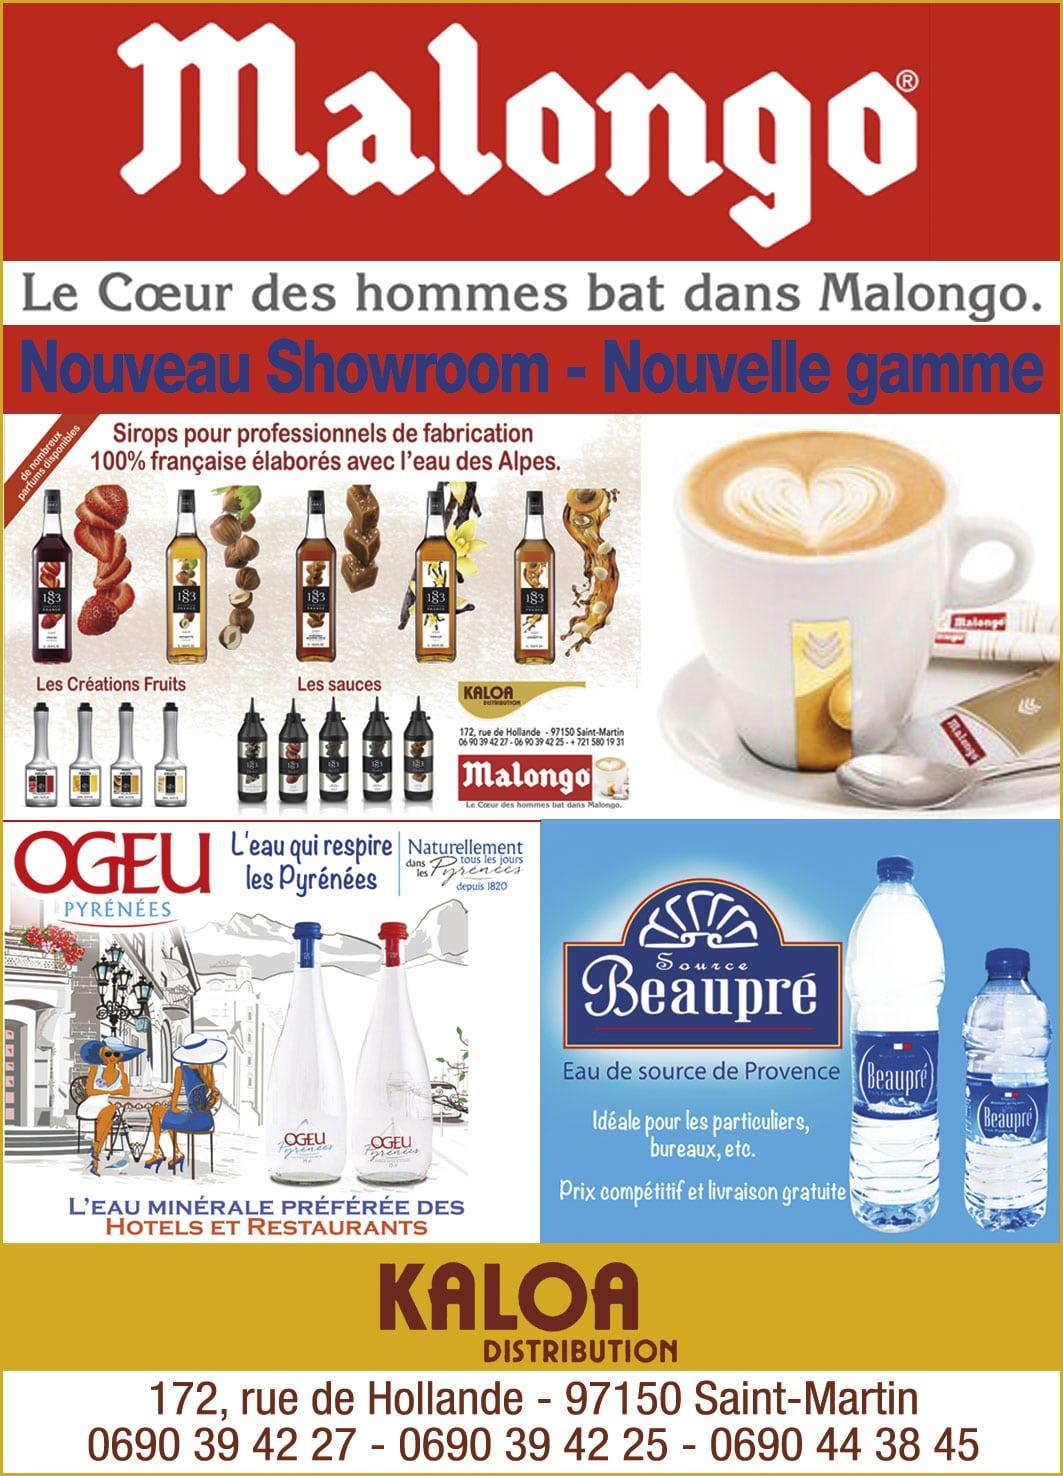 Annuaire Téléphonique St Martin - Malongo